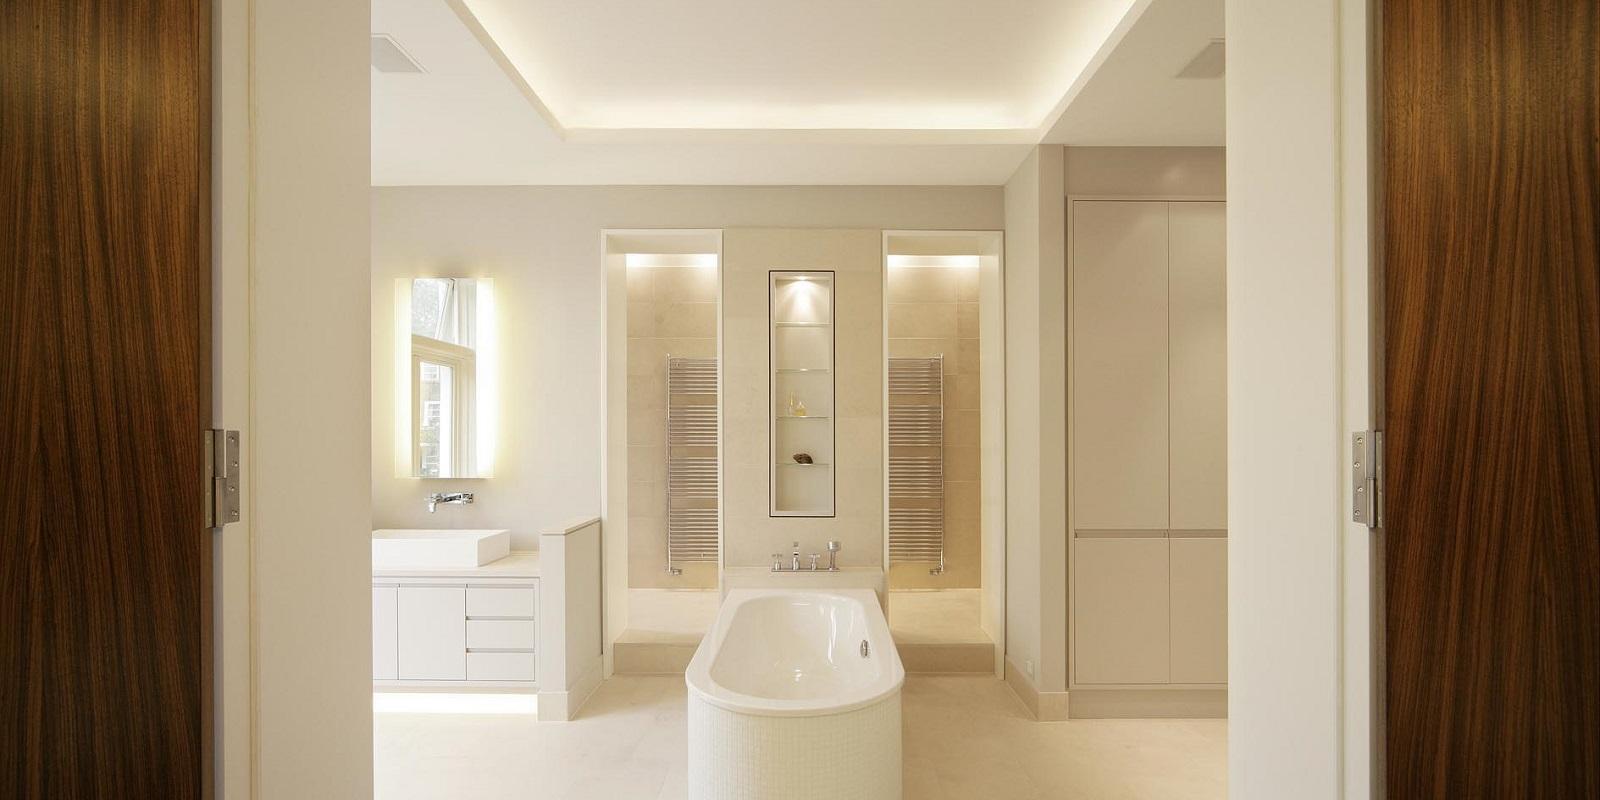 notholt lighting design projekte lichtkonzepte und. Black Bedroom Furniture Sets. Home Design Ideas